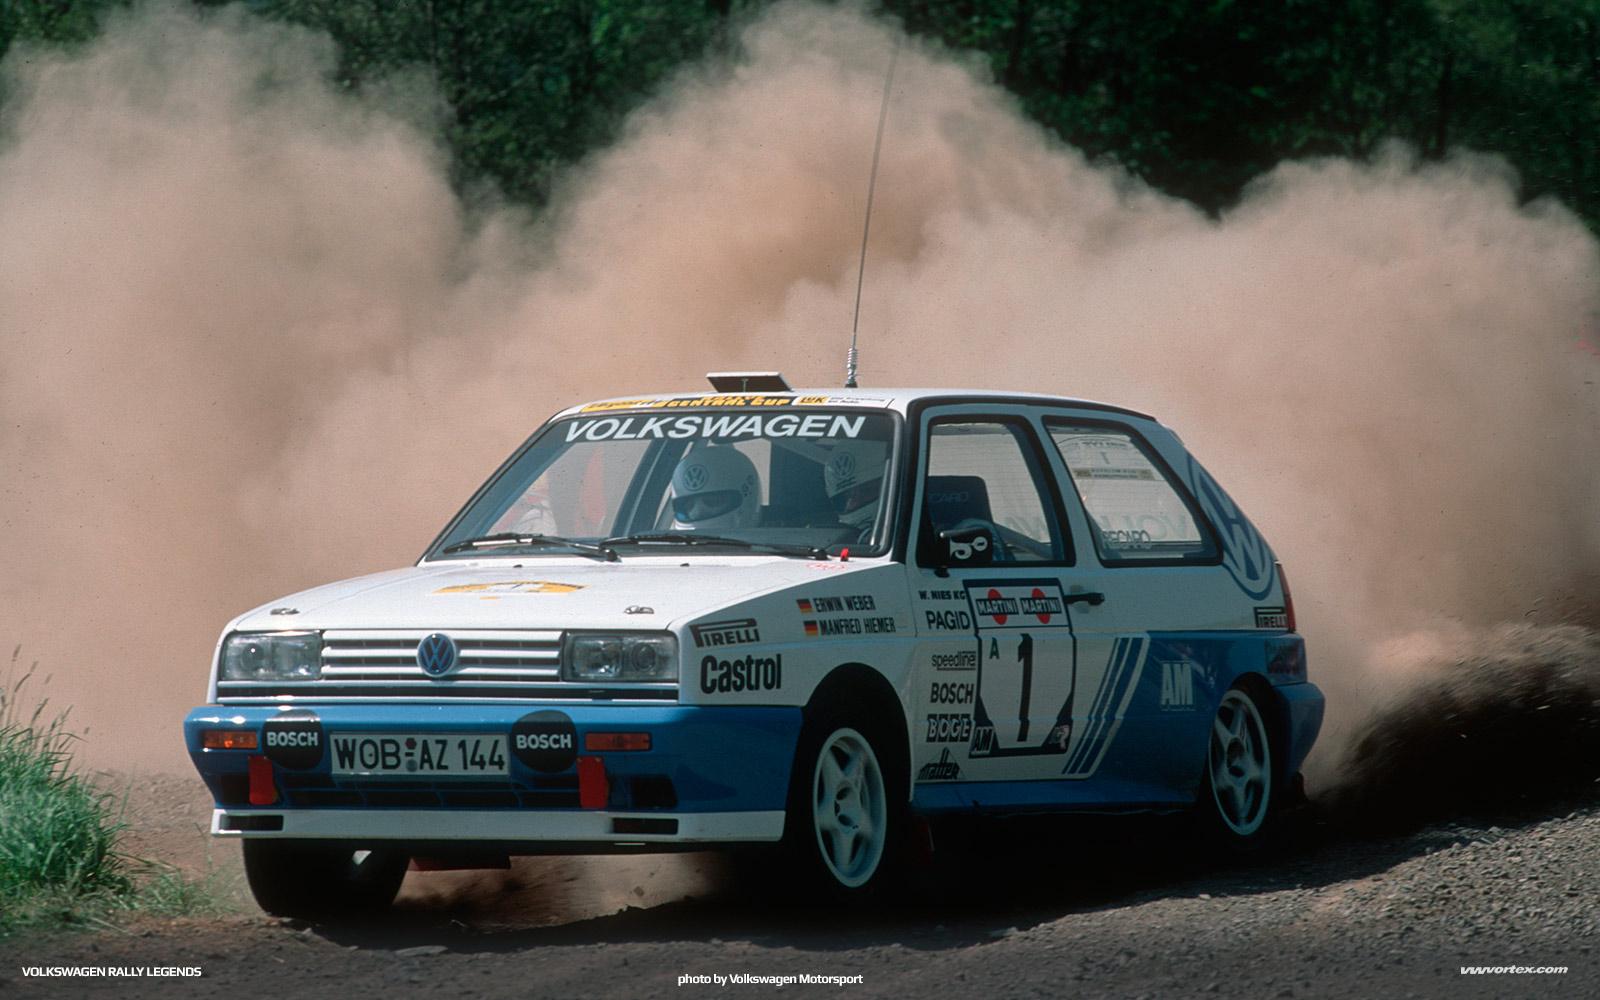 volkswagen-rally-legends-373